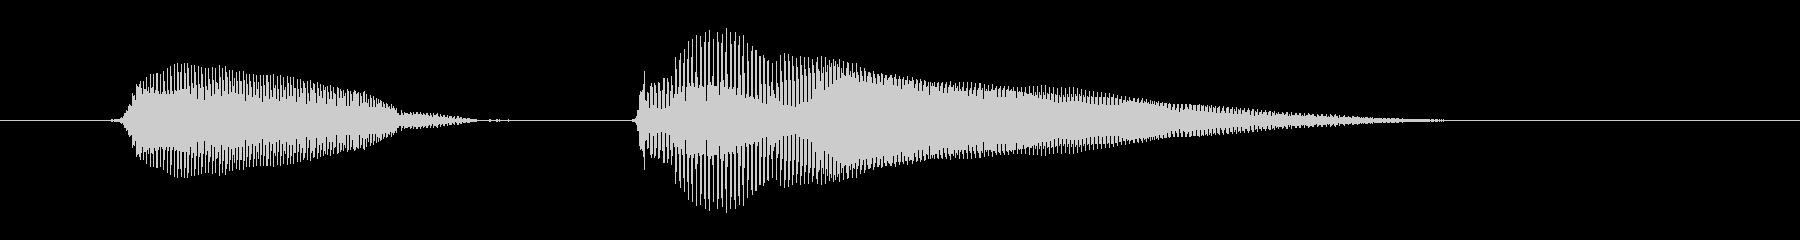 ピンポン!の未再生の波形